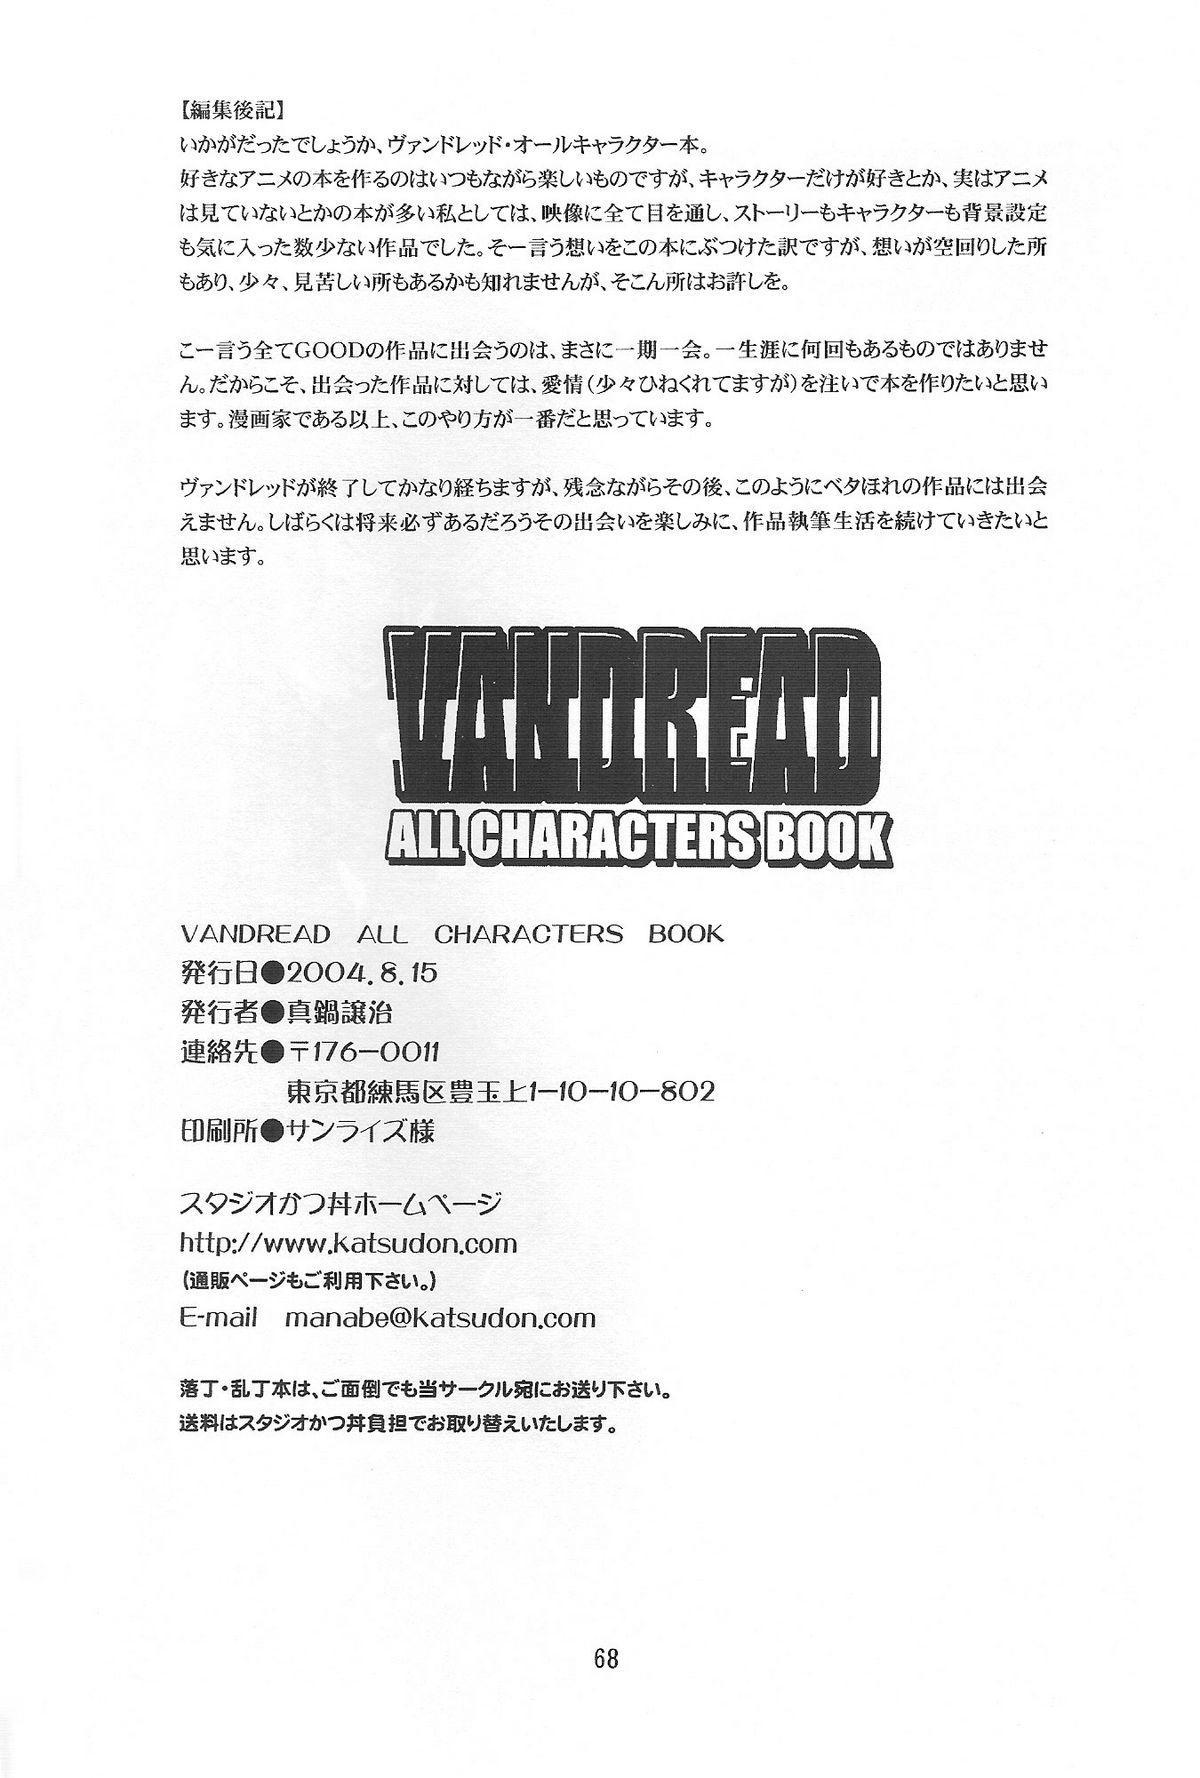 VANDREAD ALL CHARACTERS BOOK 66